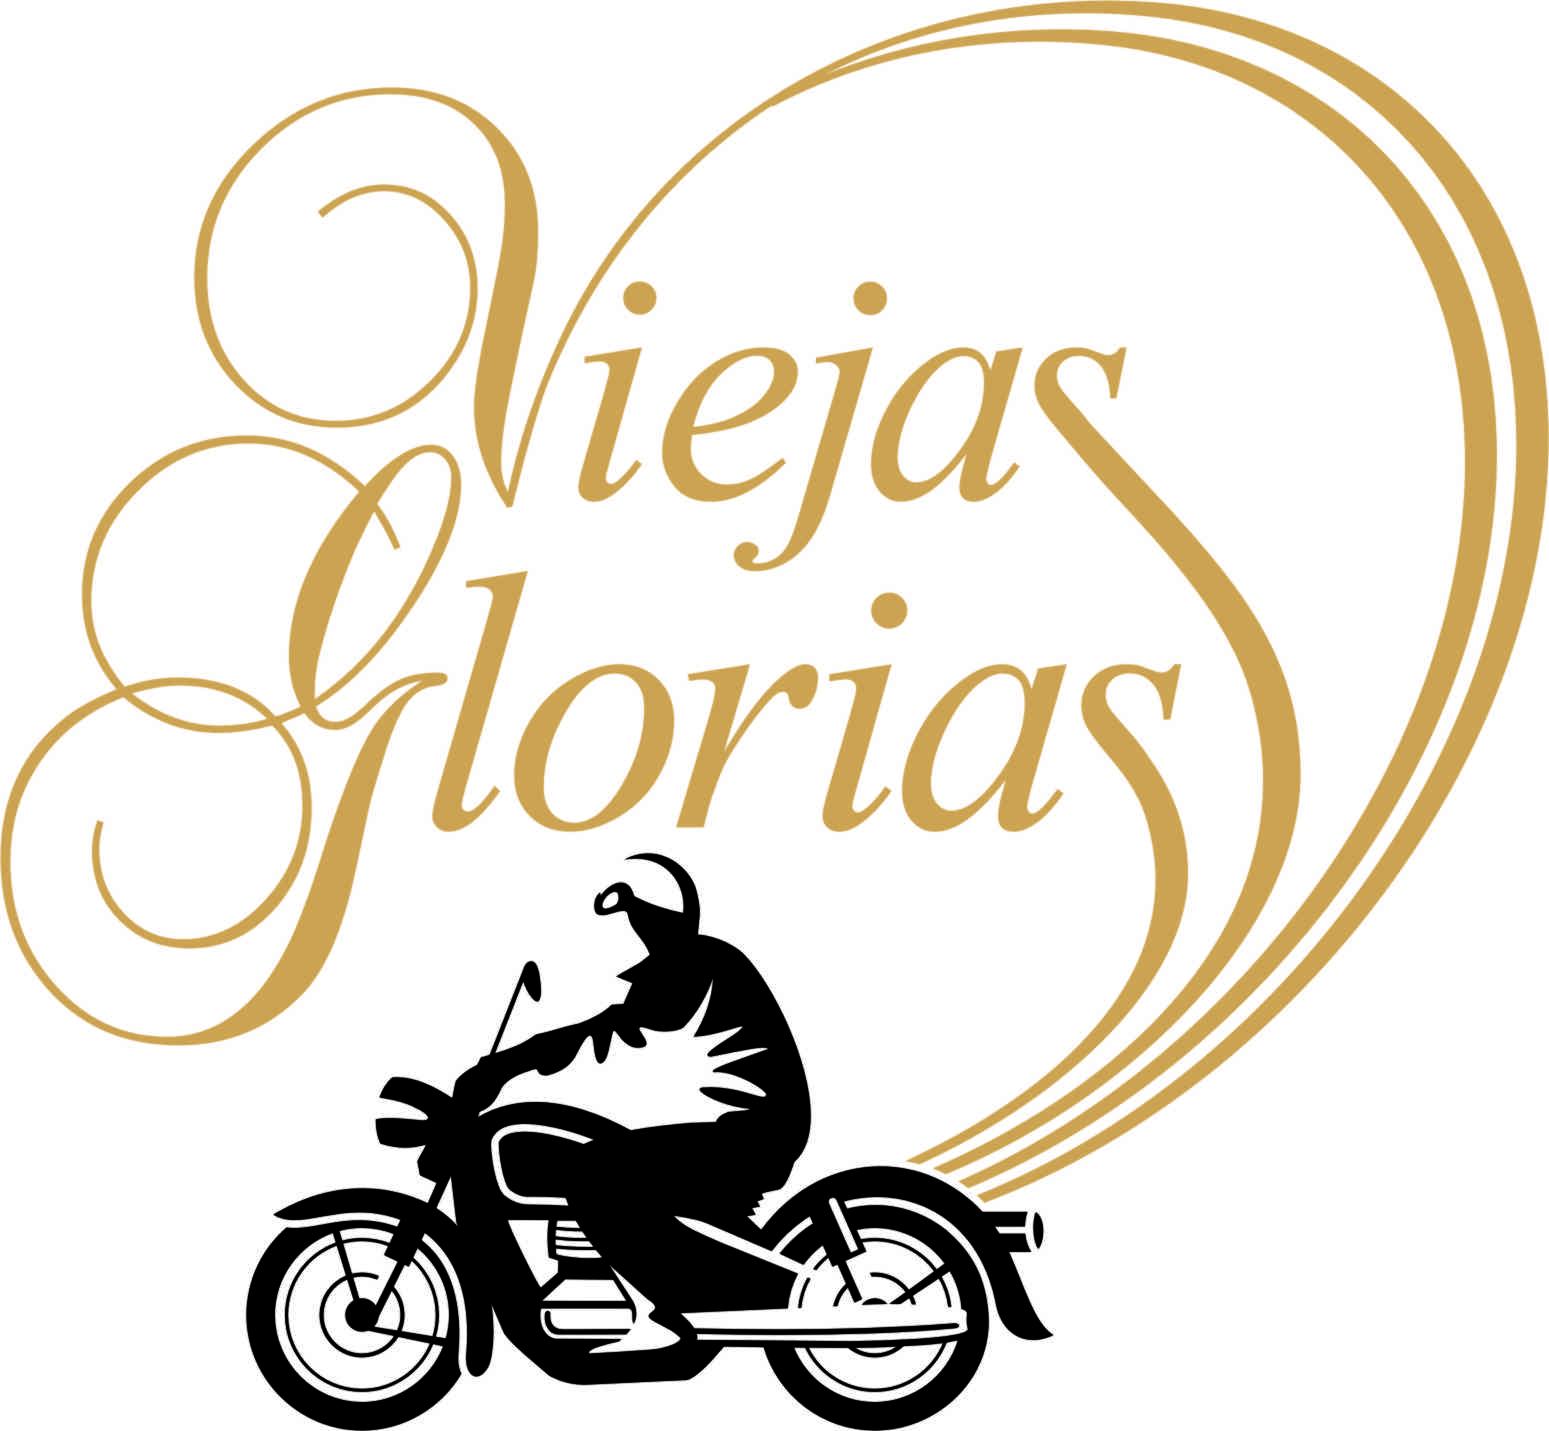 Logo del Viejas Glorias